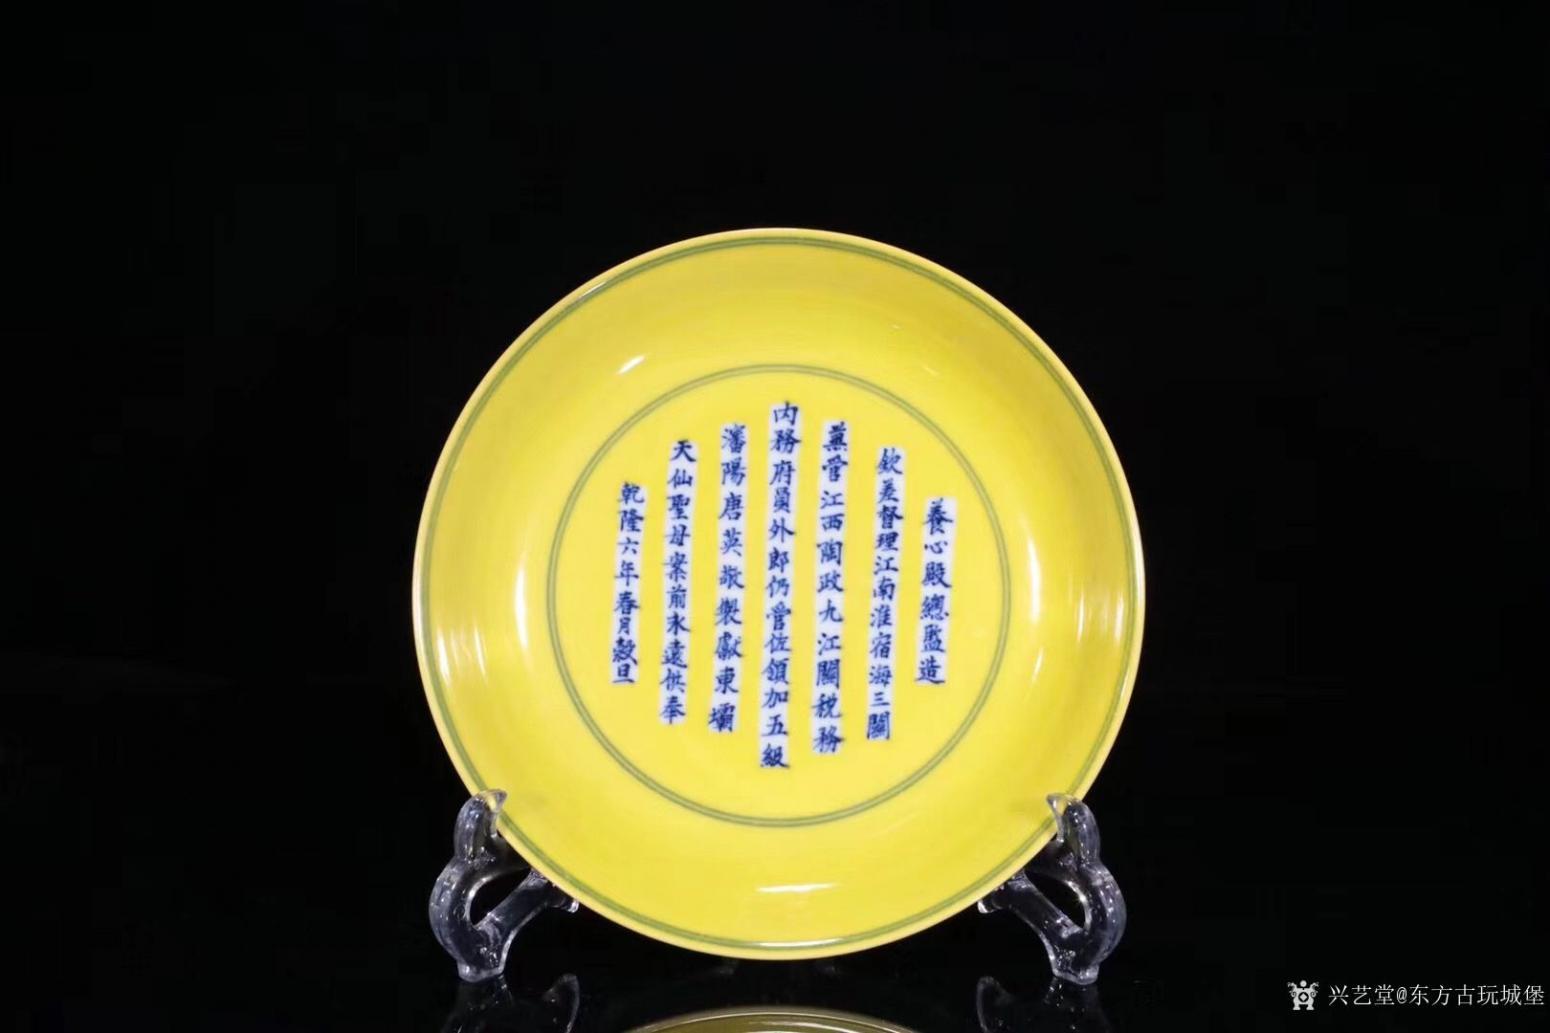 东方古玩城堡文玩杂项作品《黄地青花赏盘》